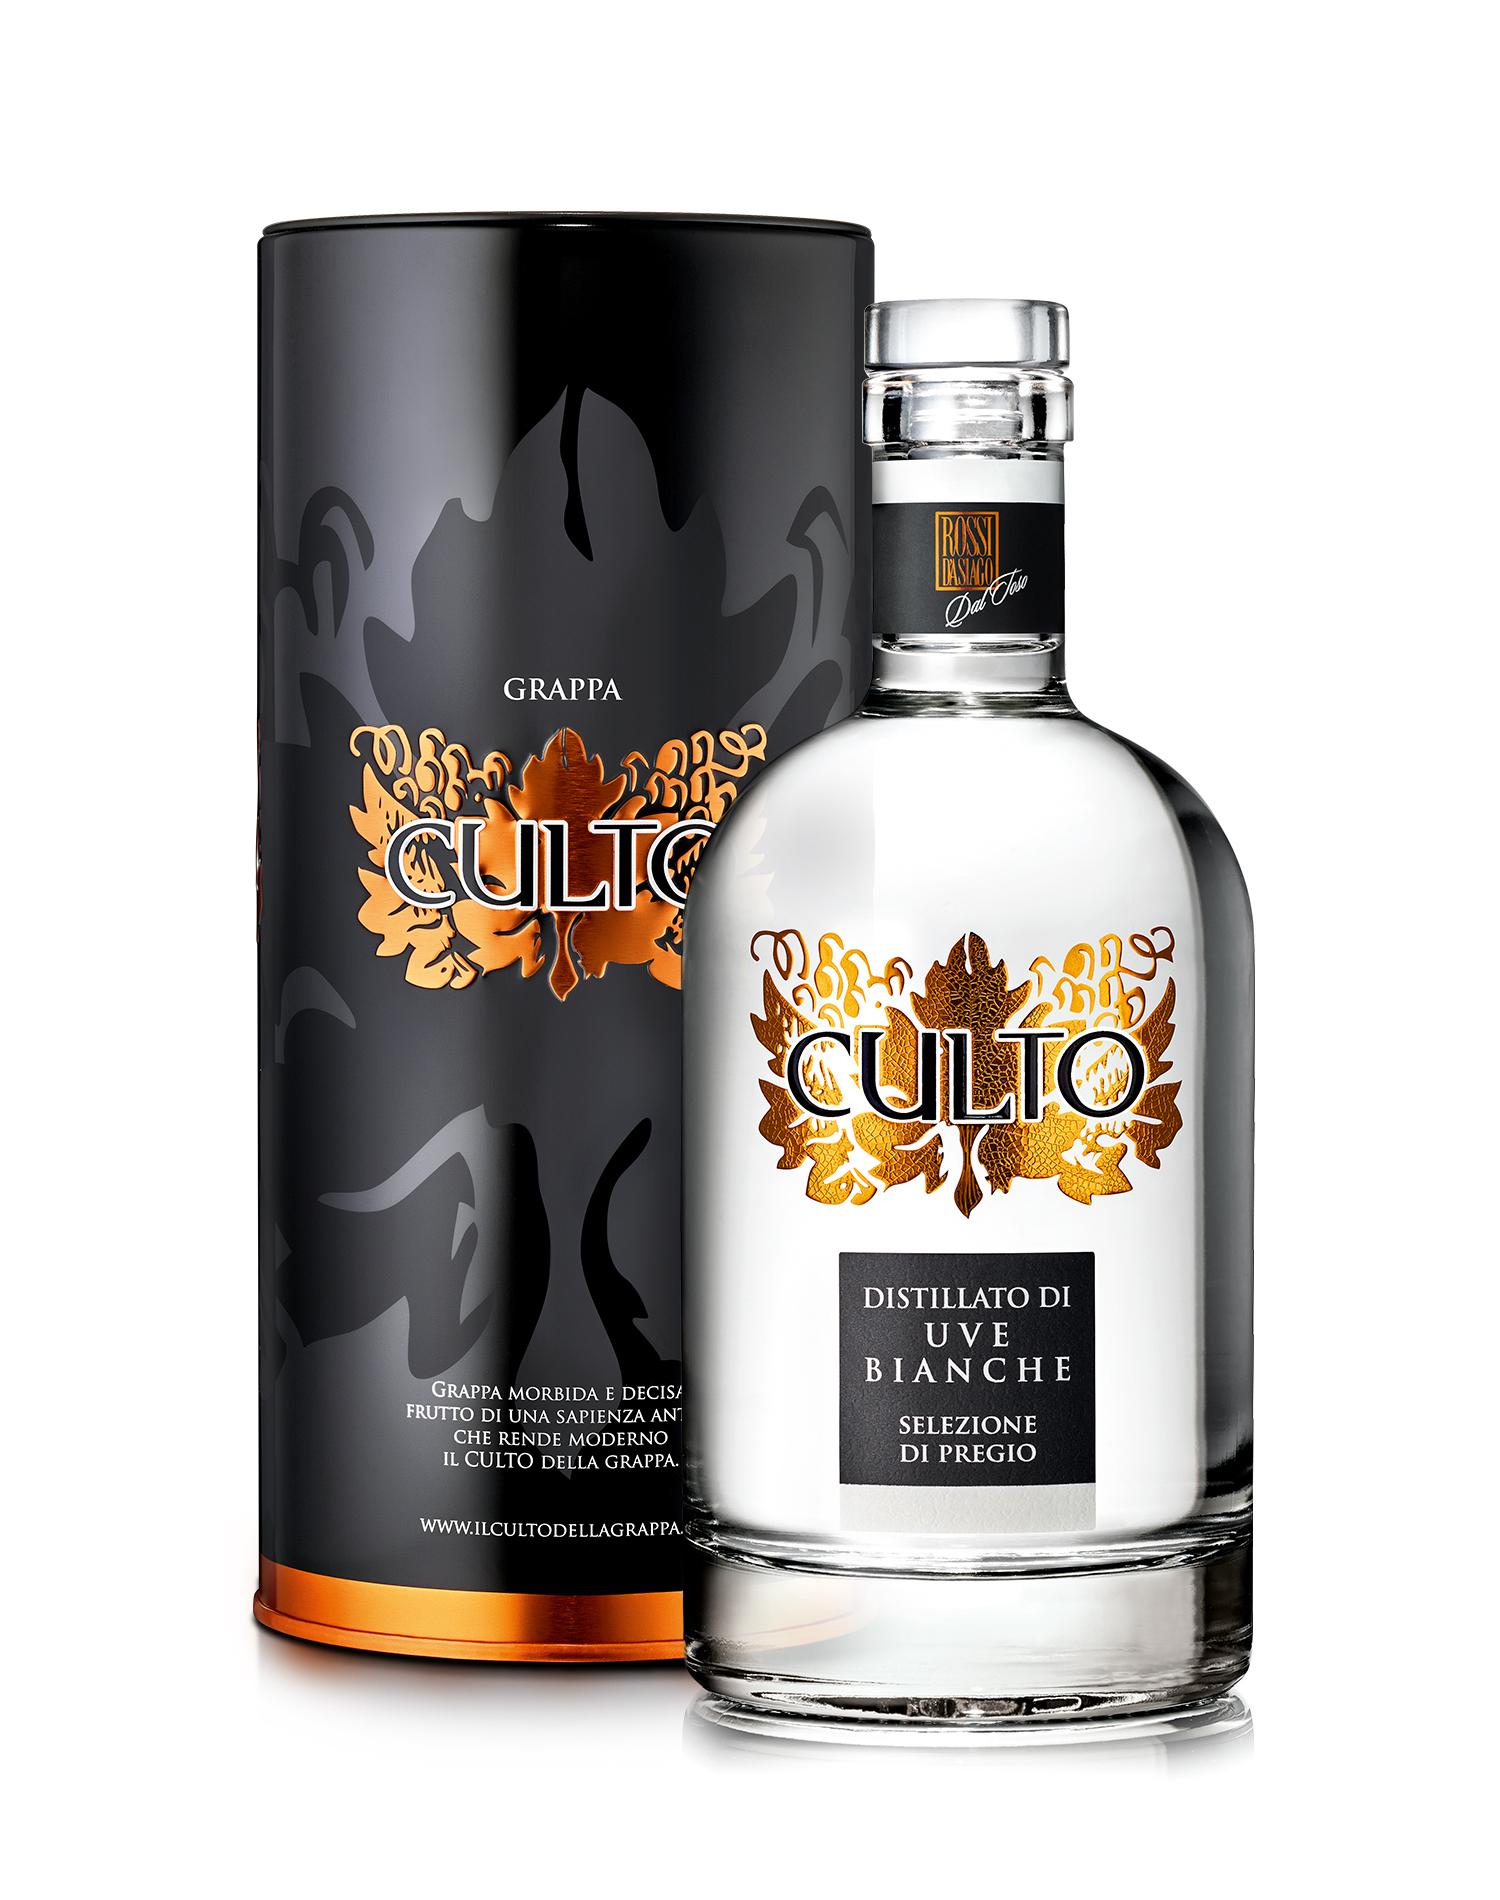 Culto Distillato d'Uva - confezione regalo